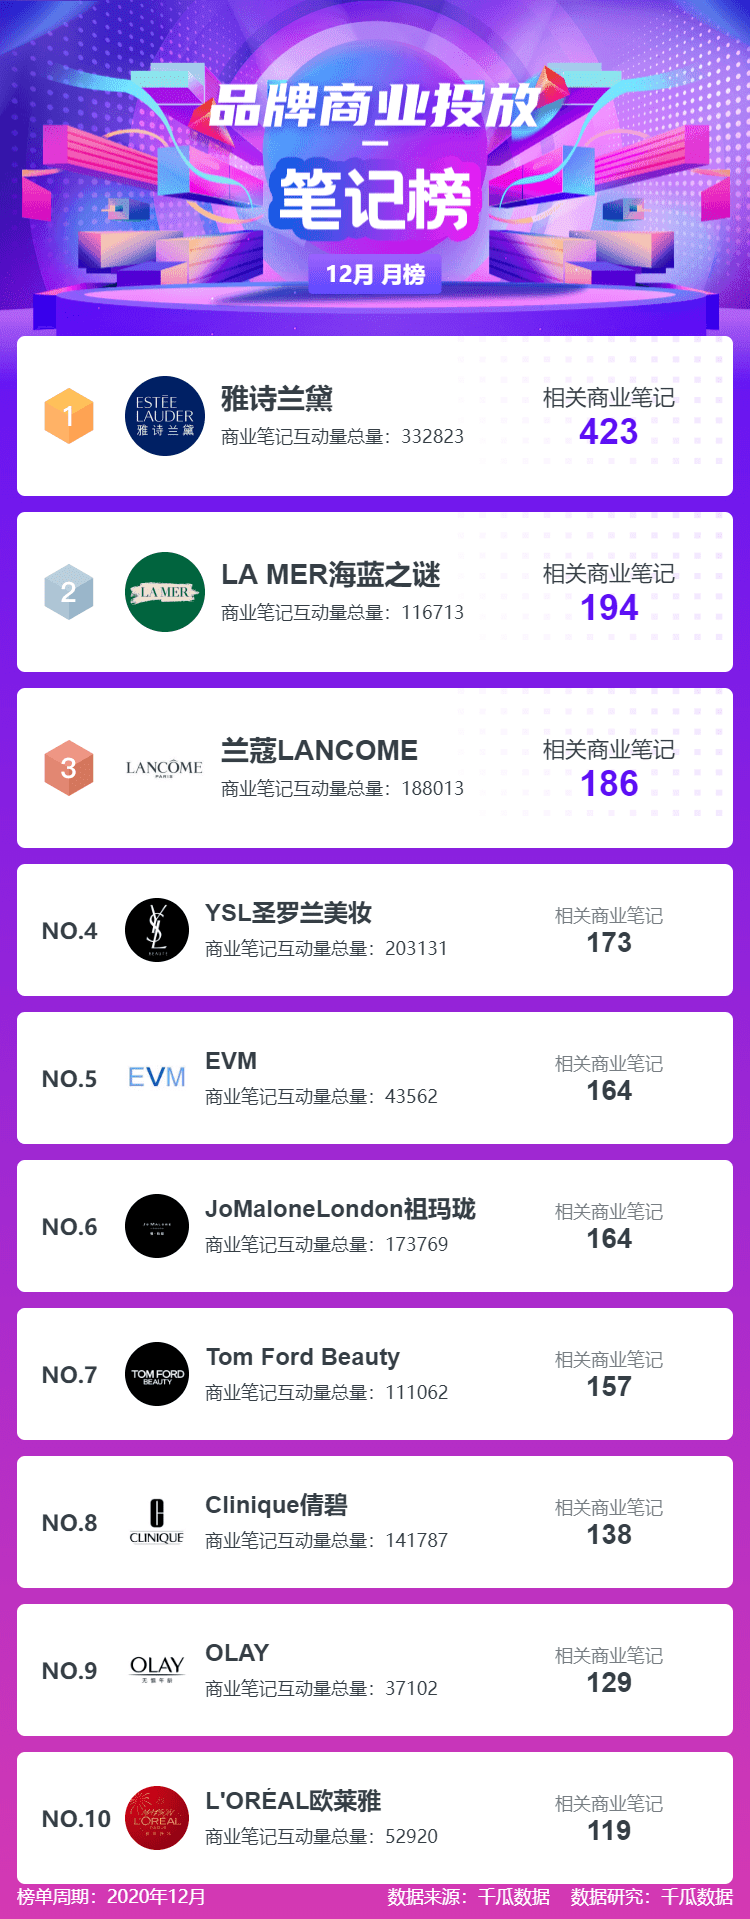 月榜 | 12月小红书品牌机构创作者排行榜